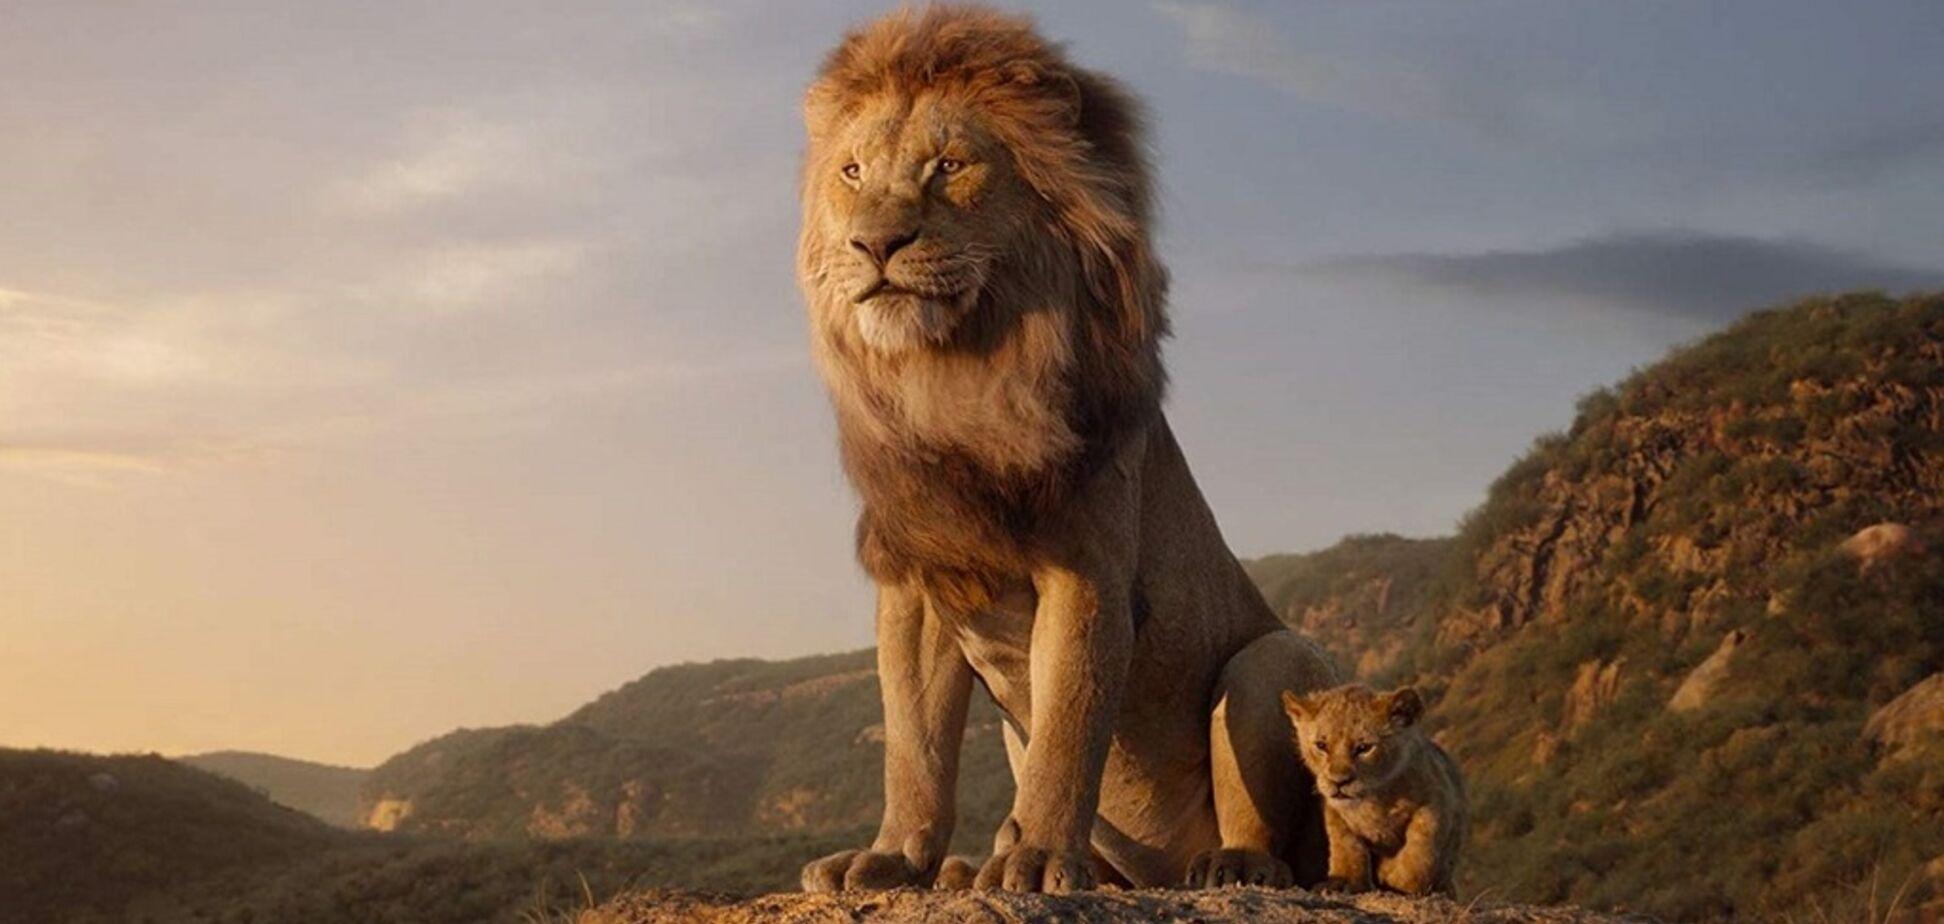 Король Лев: як змінилися персонажі в римейку культового мультфільму